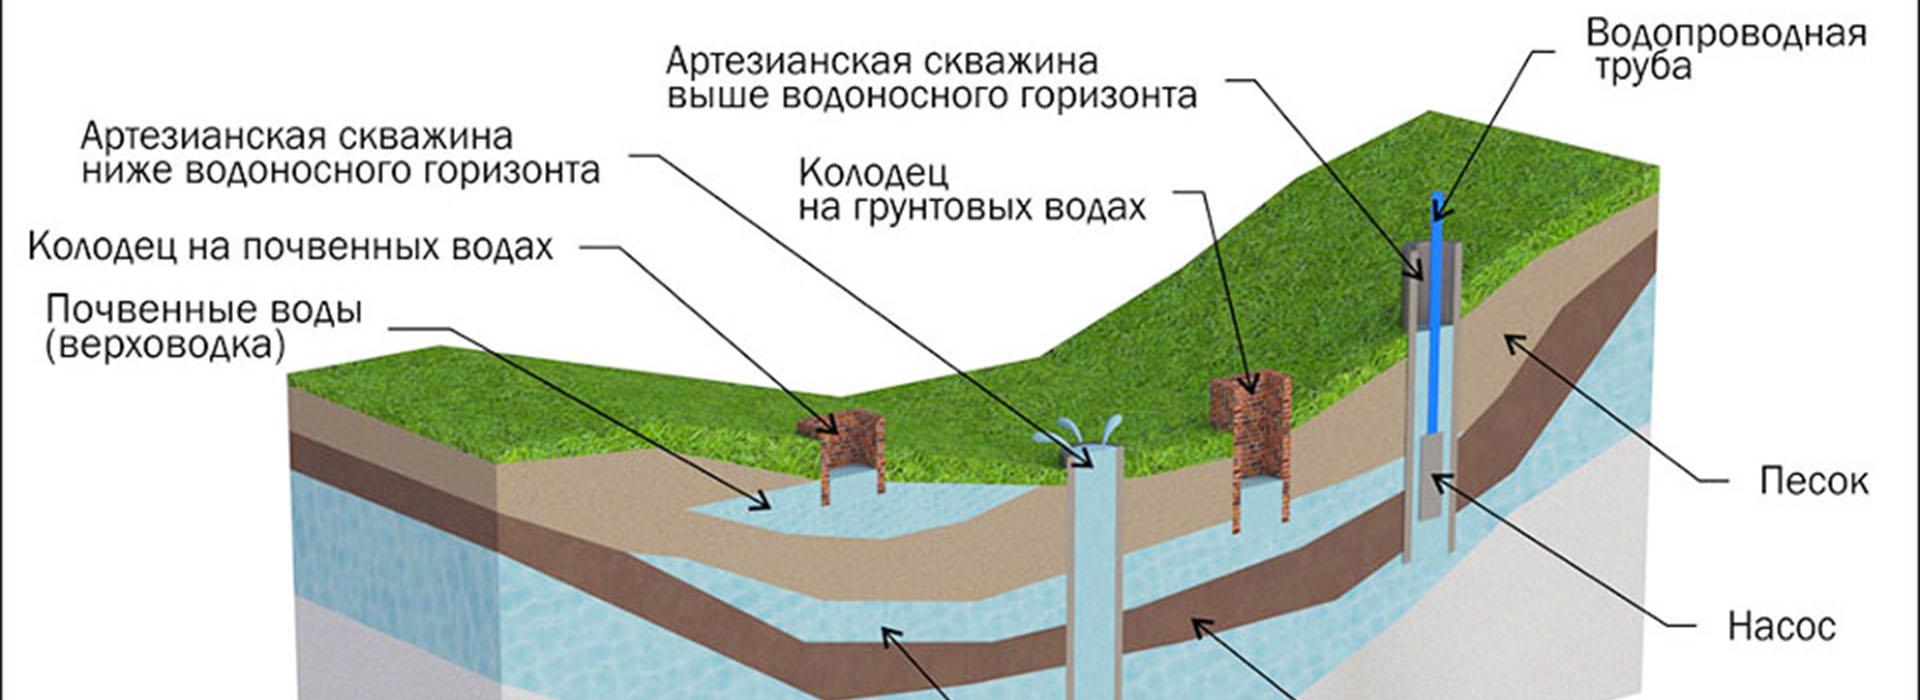 Технологические схемы (подземные воды)